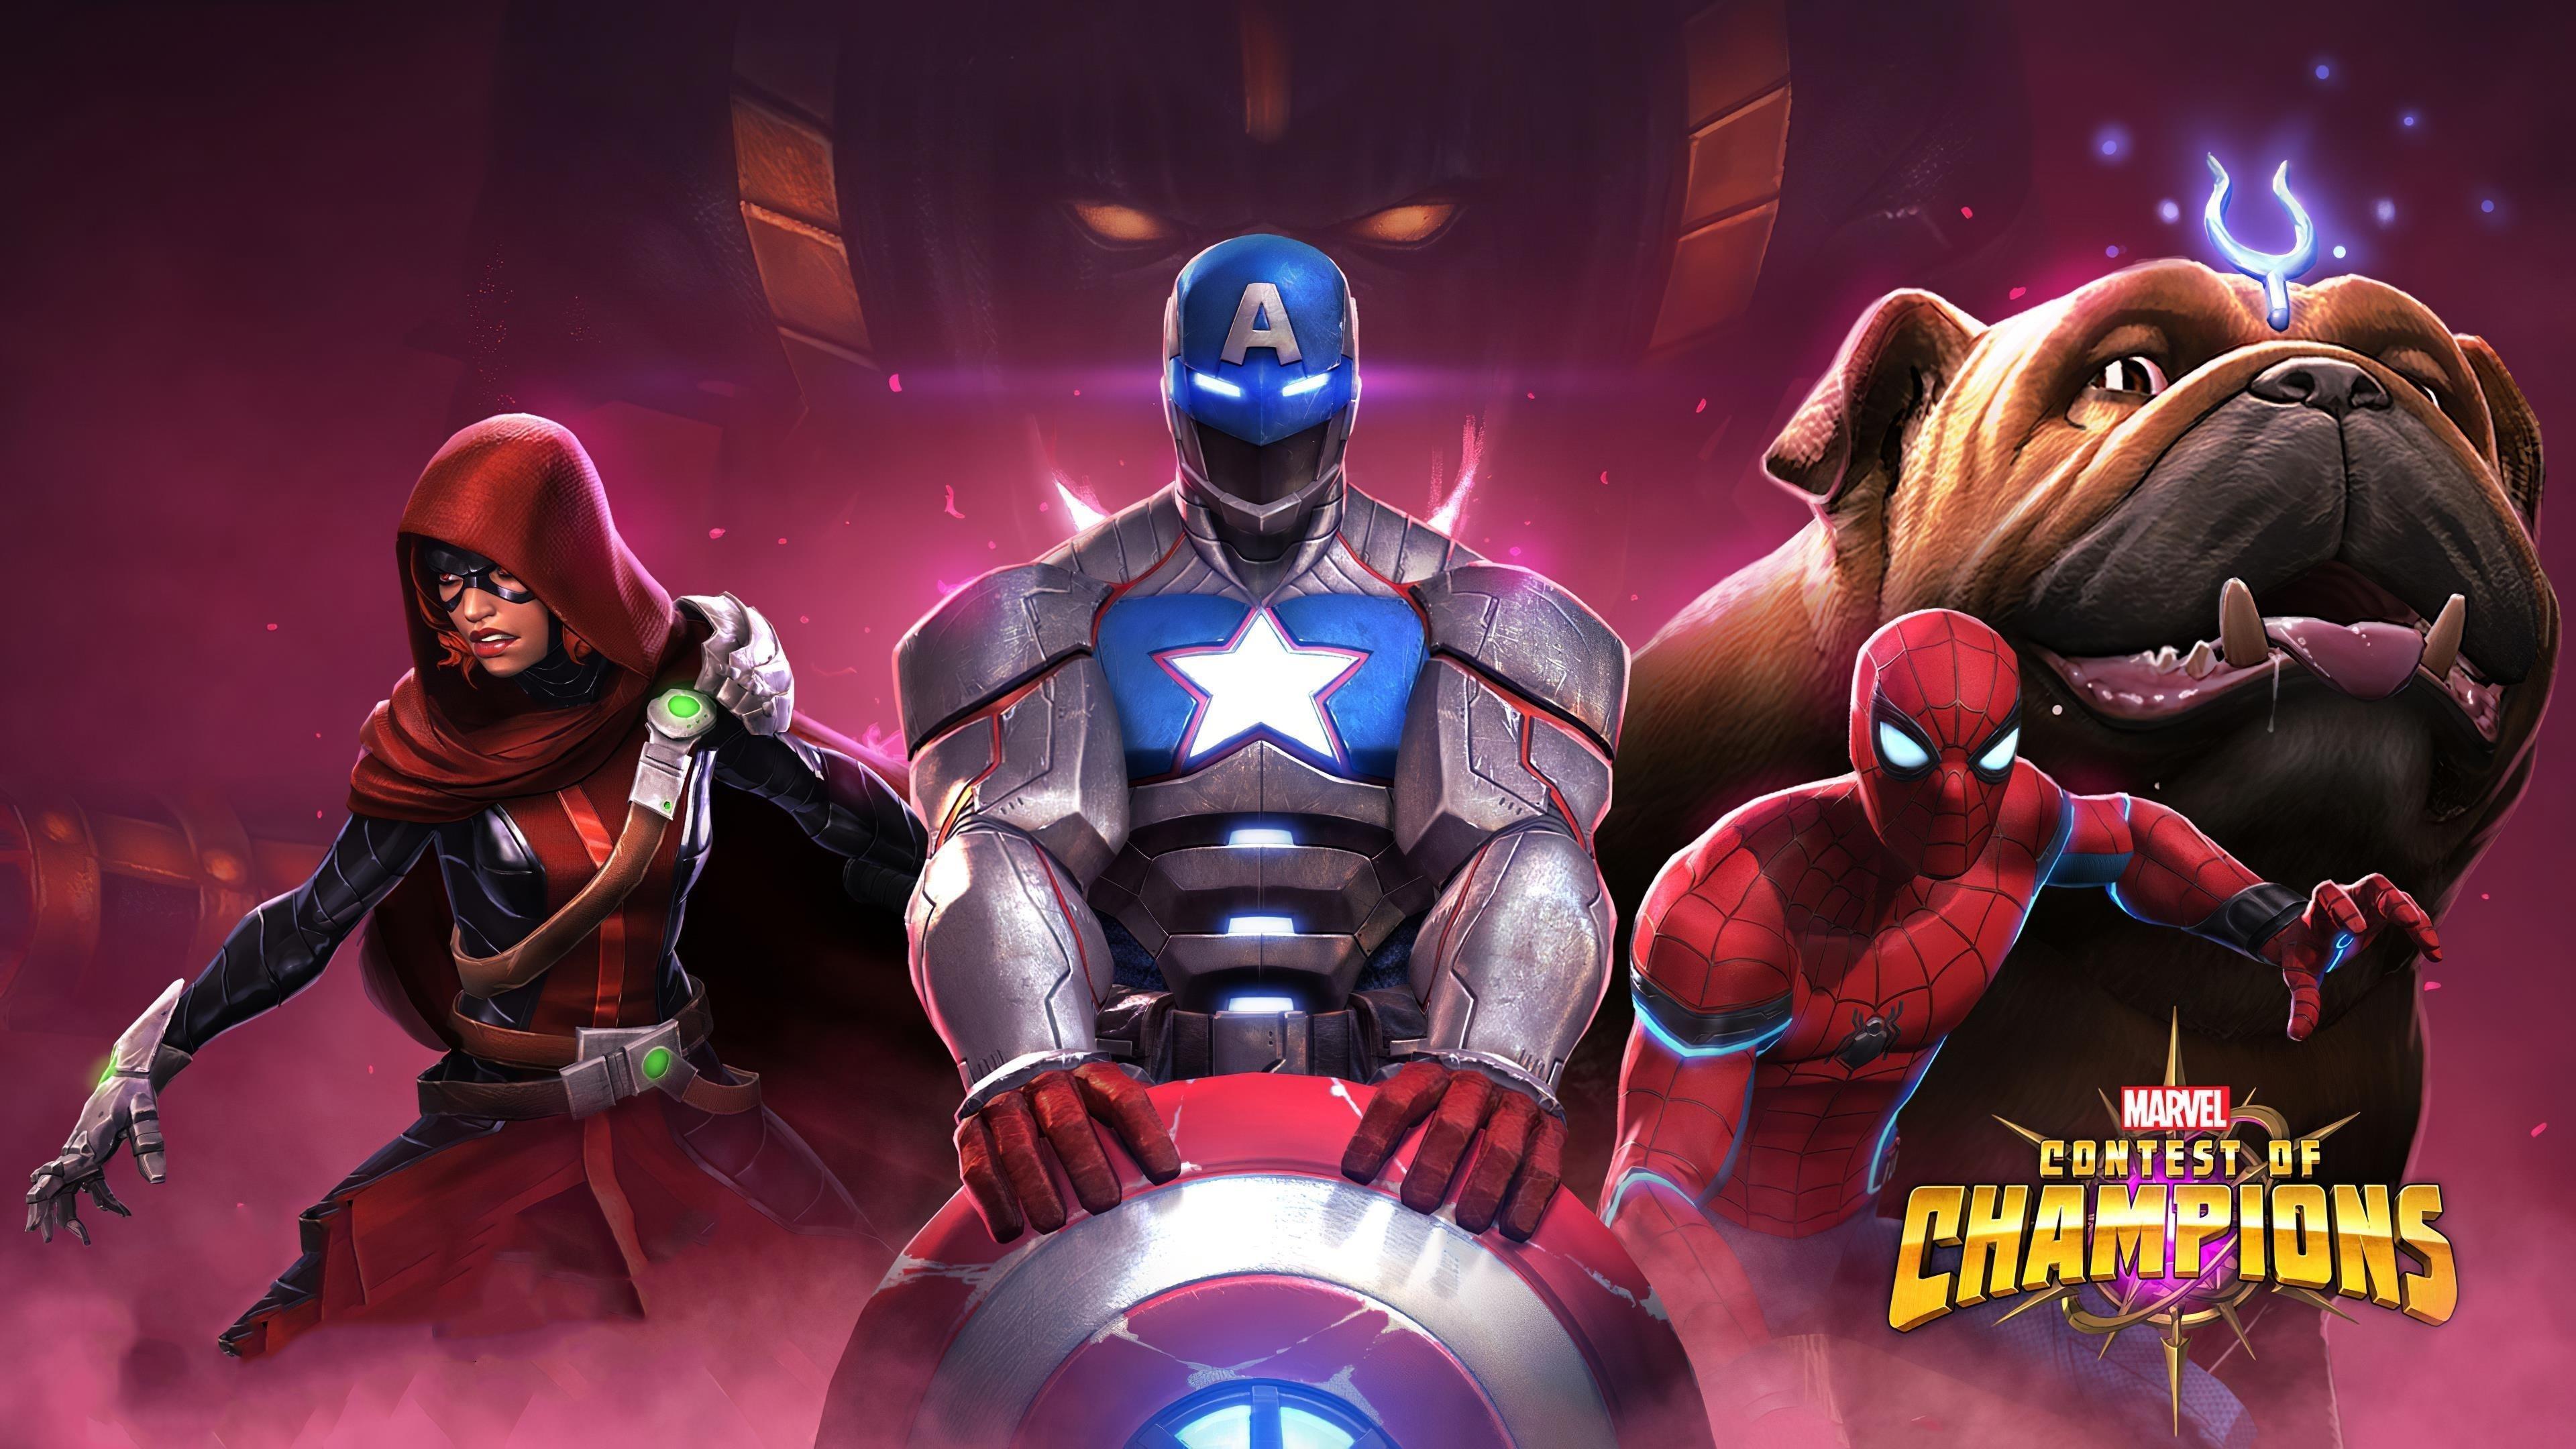 Marvel конкурс чемпионов обои скачать